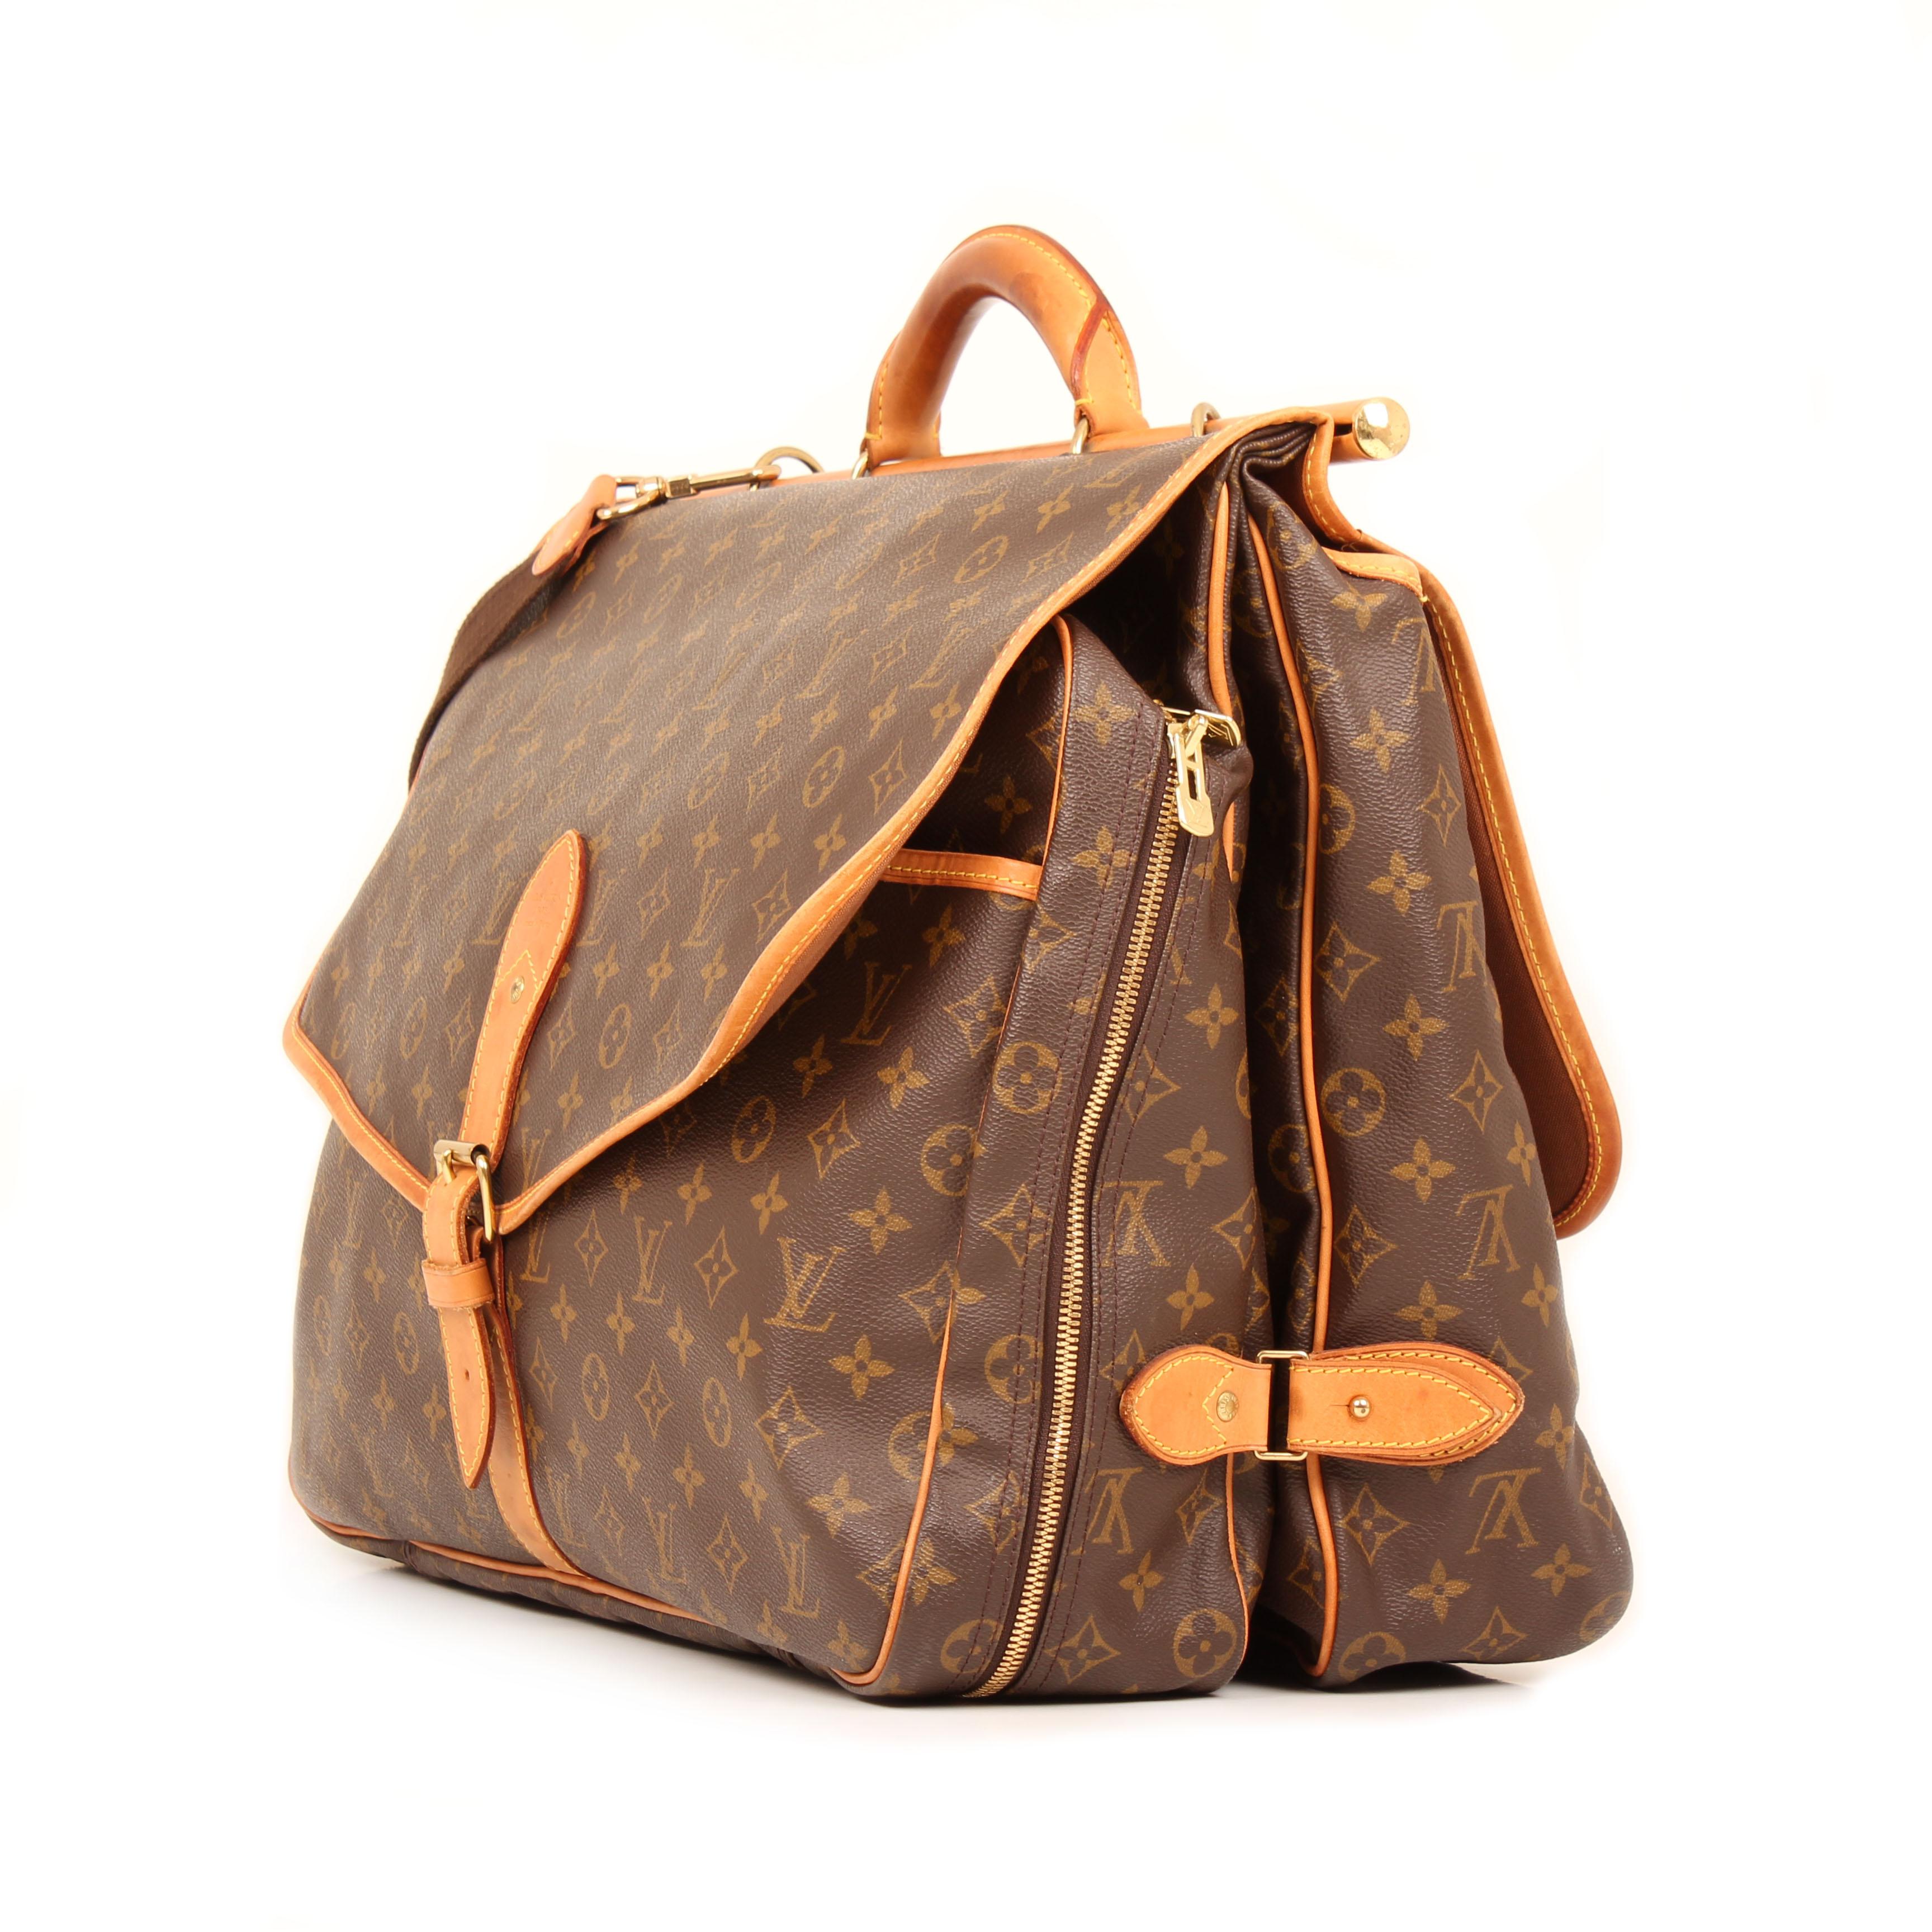 bolsa de viaje louis vuitton sac chasse monogram lateral